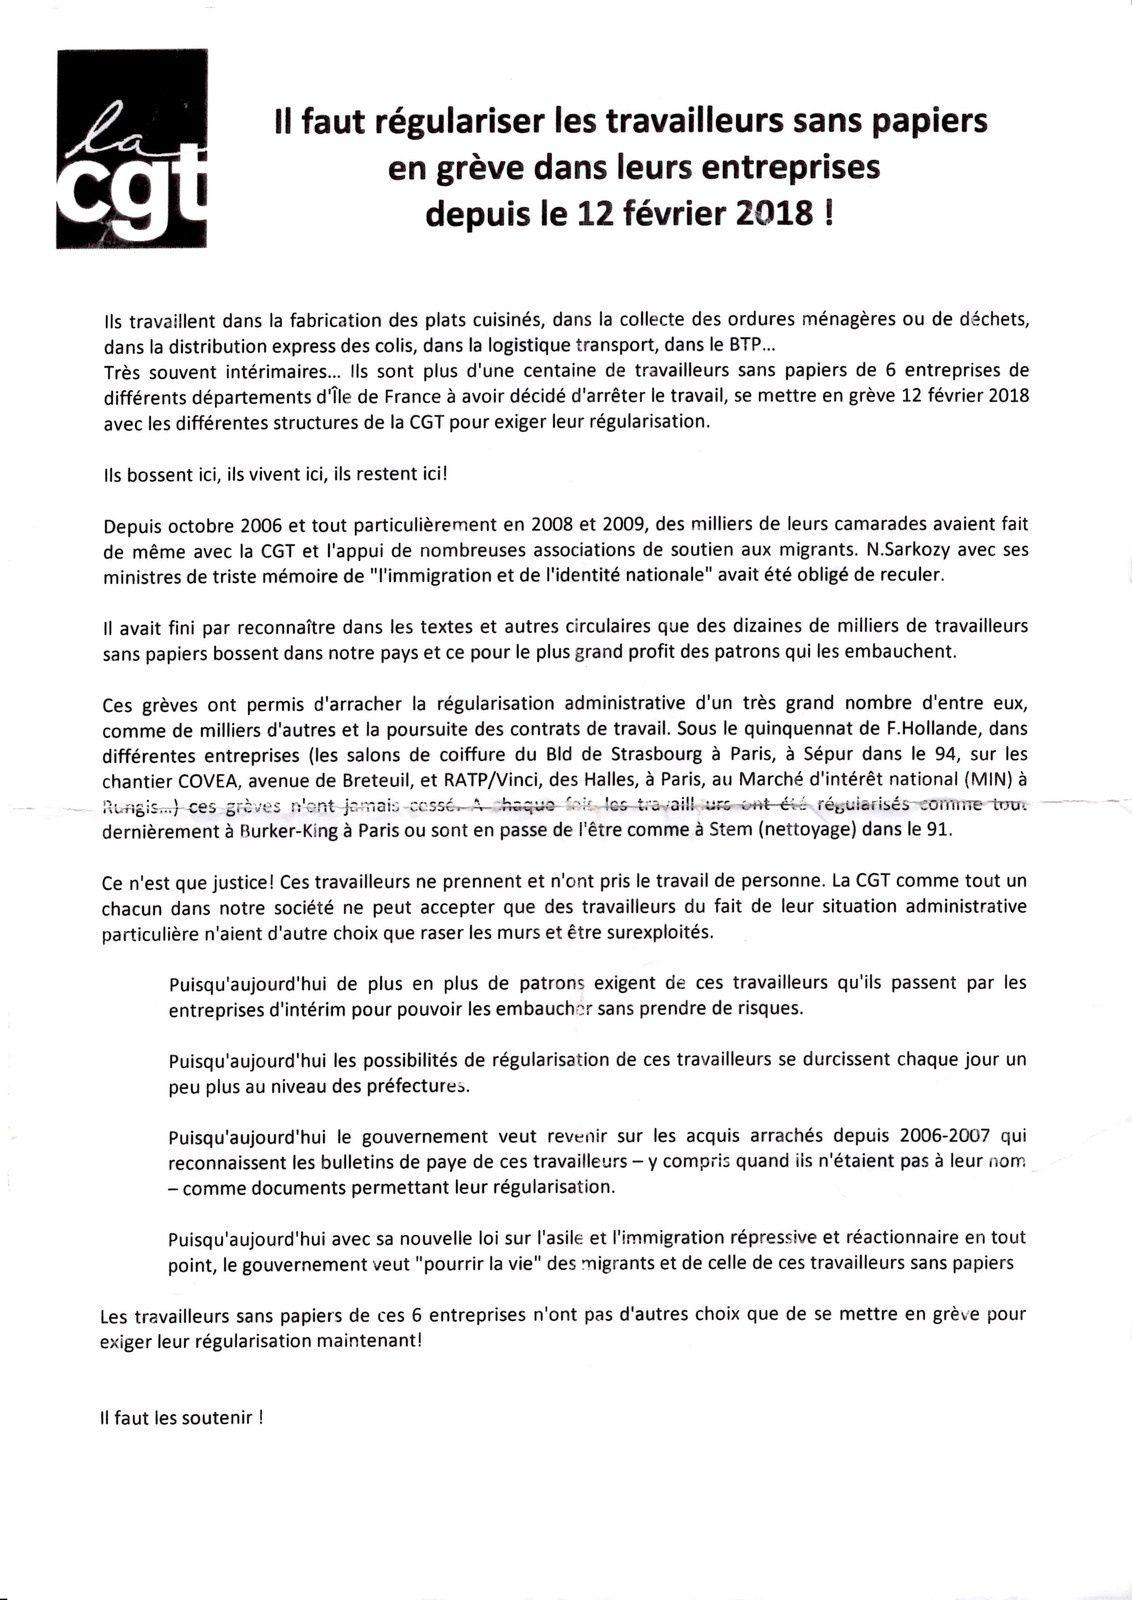 Grève chez GLS à Roissy, il faut régulariser les travailleurs sans papier !